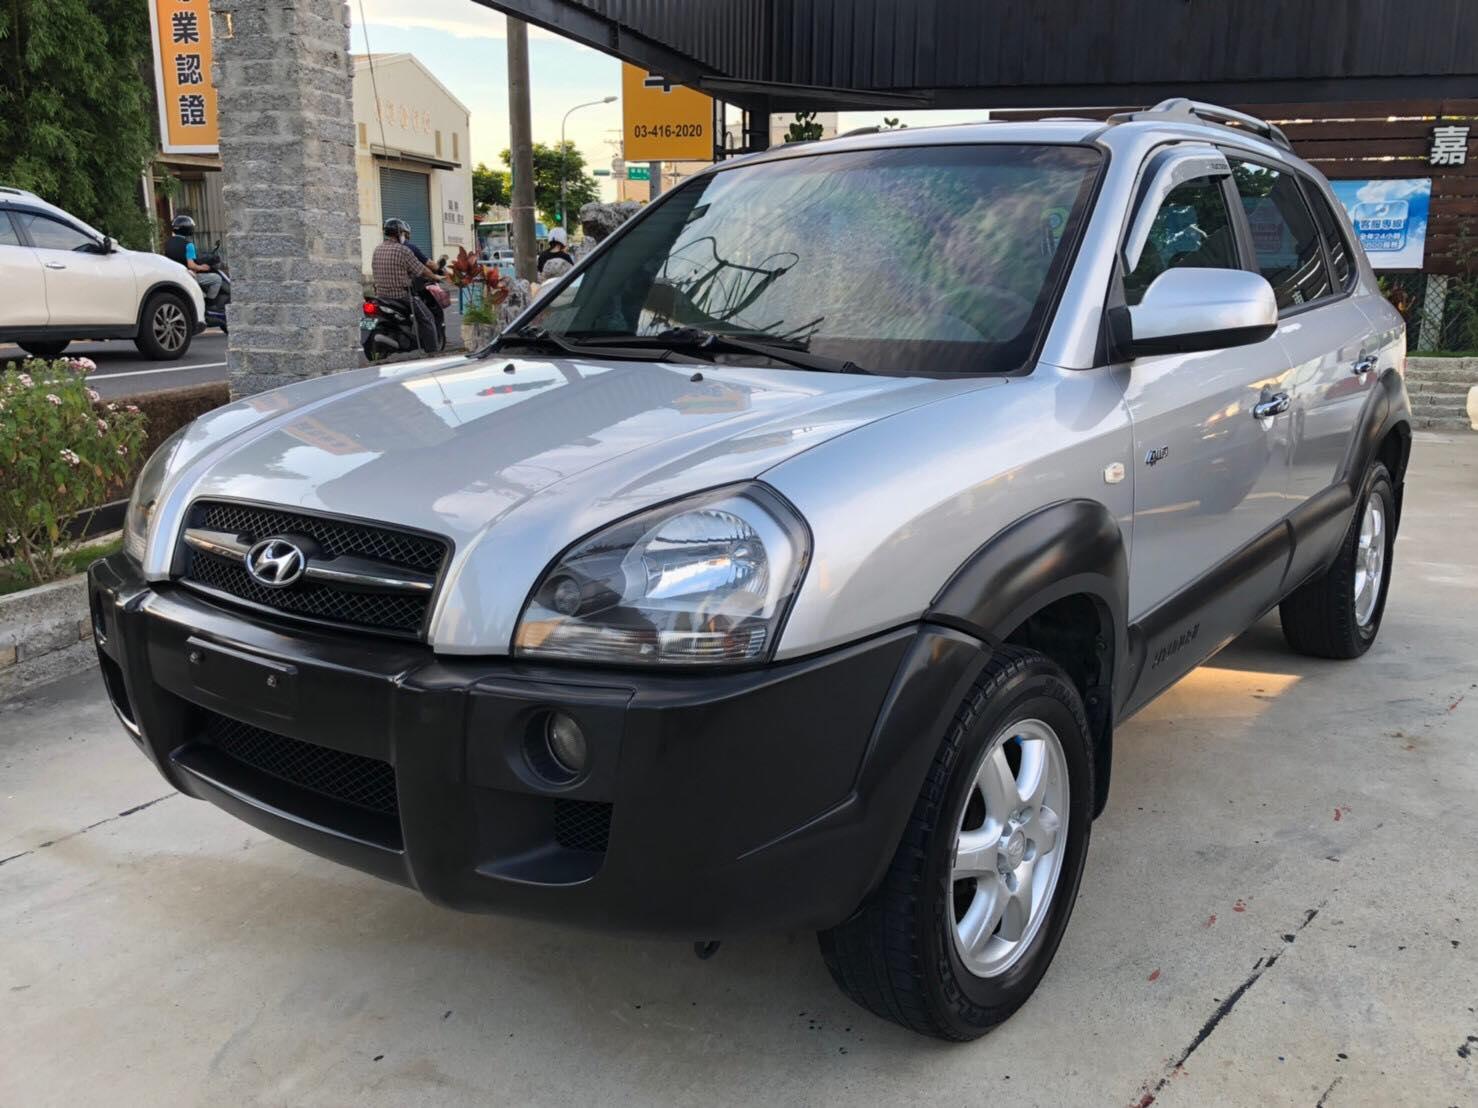 2005 Hyundai 現代 Tucson